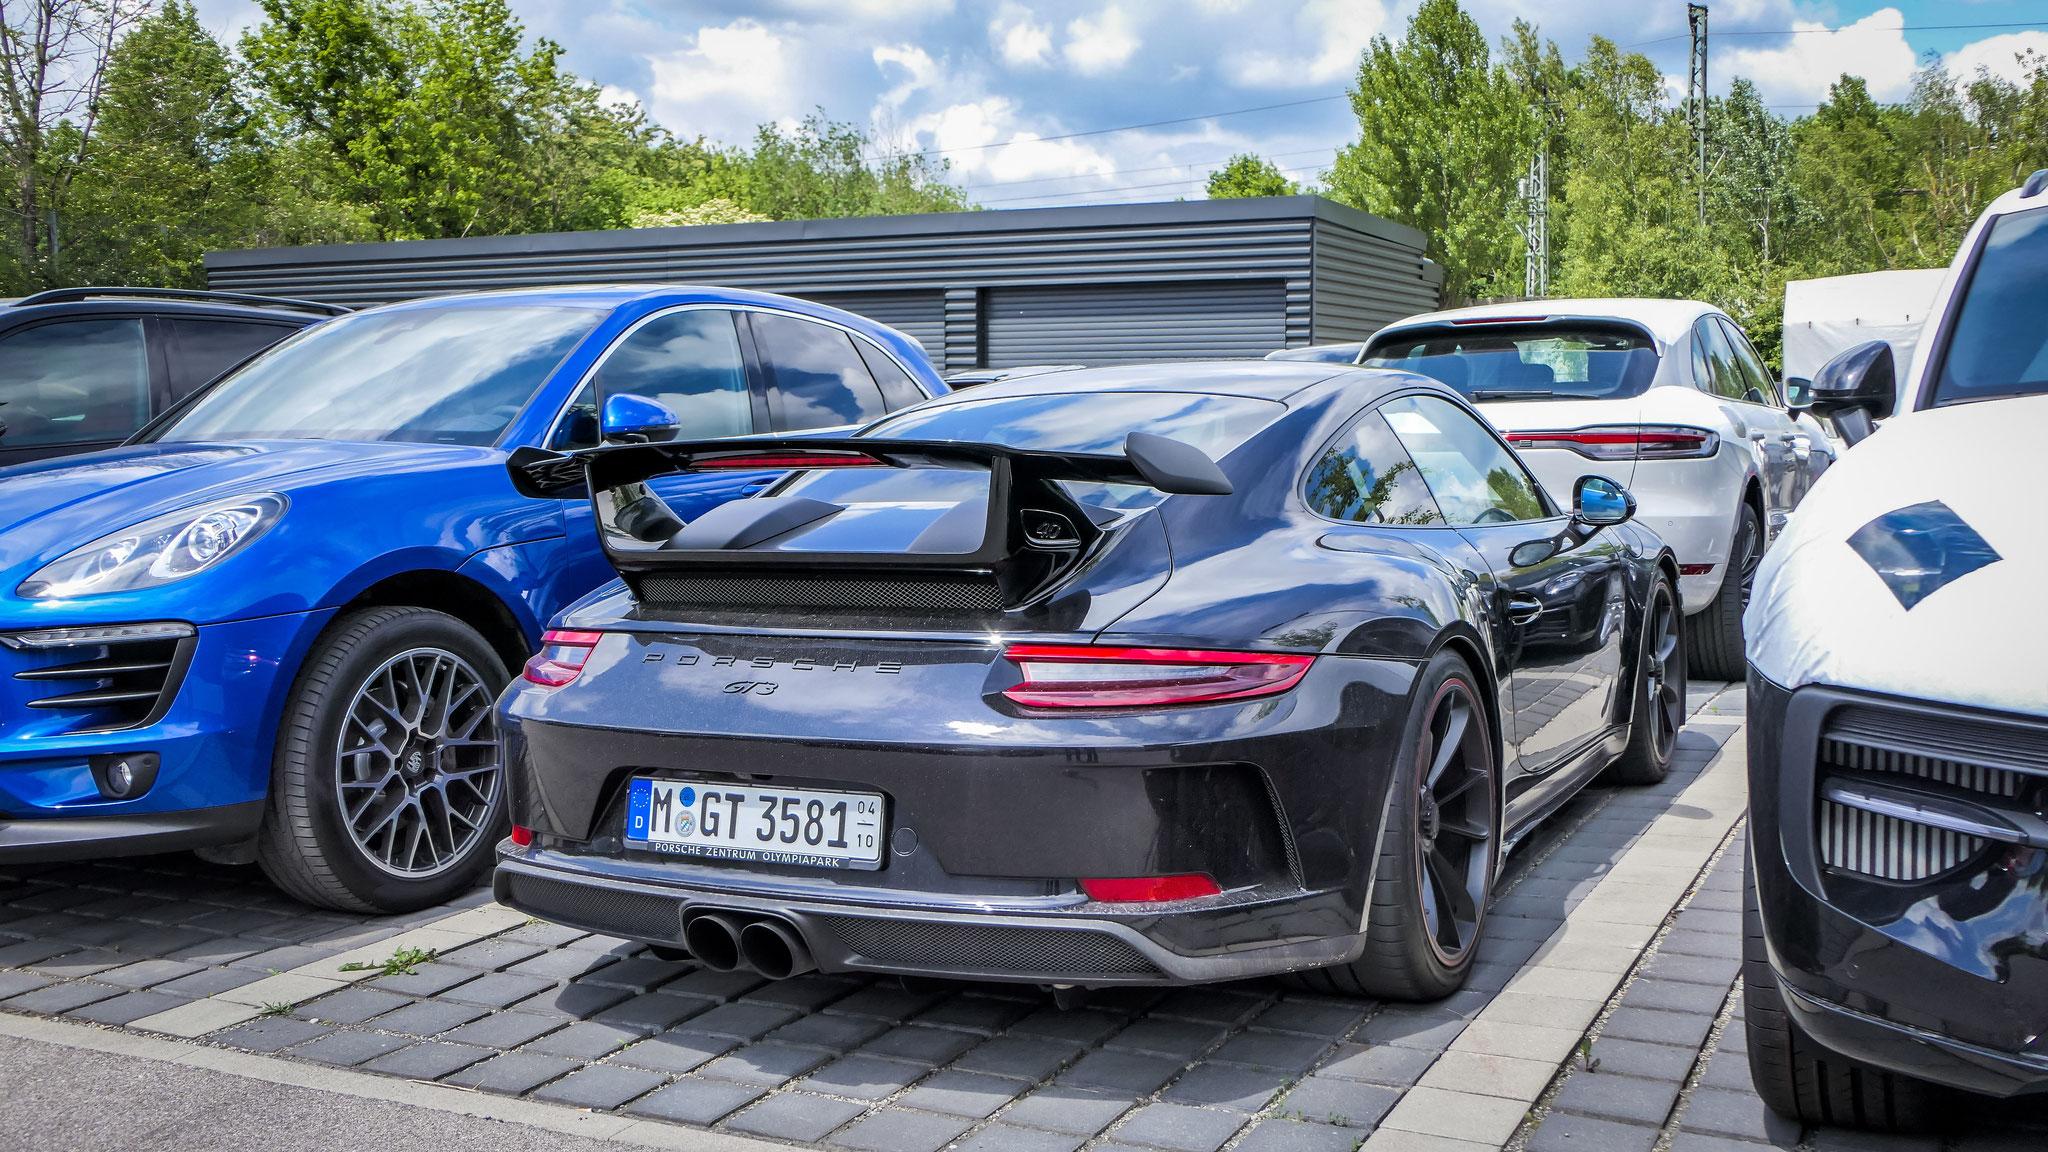 Porsche 991 GT3 - M-GT-3581